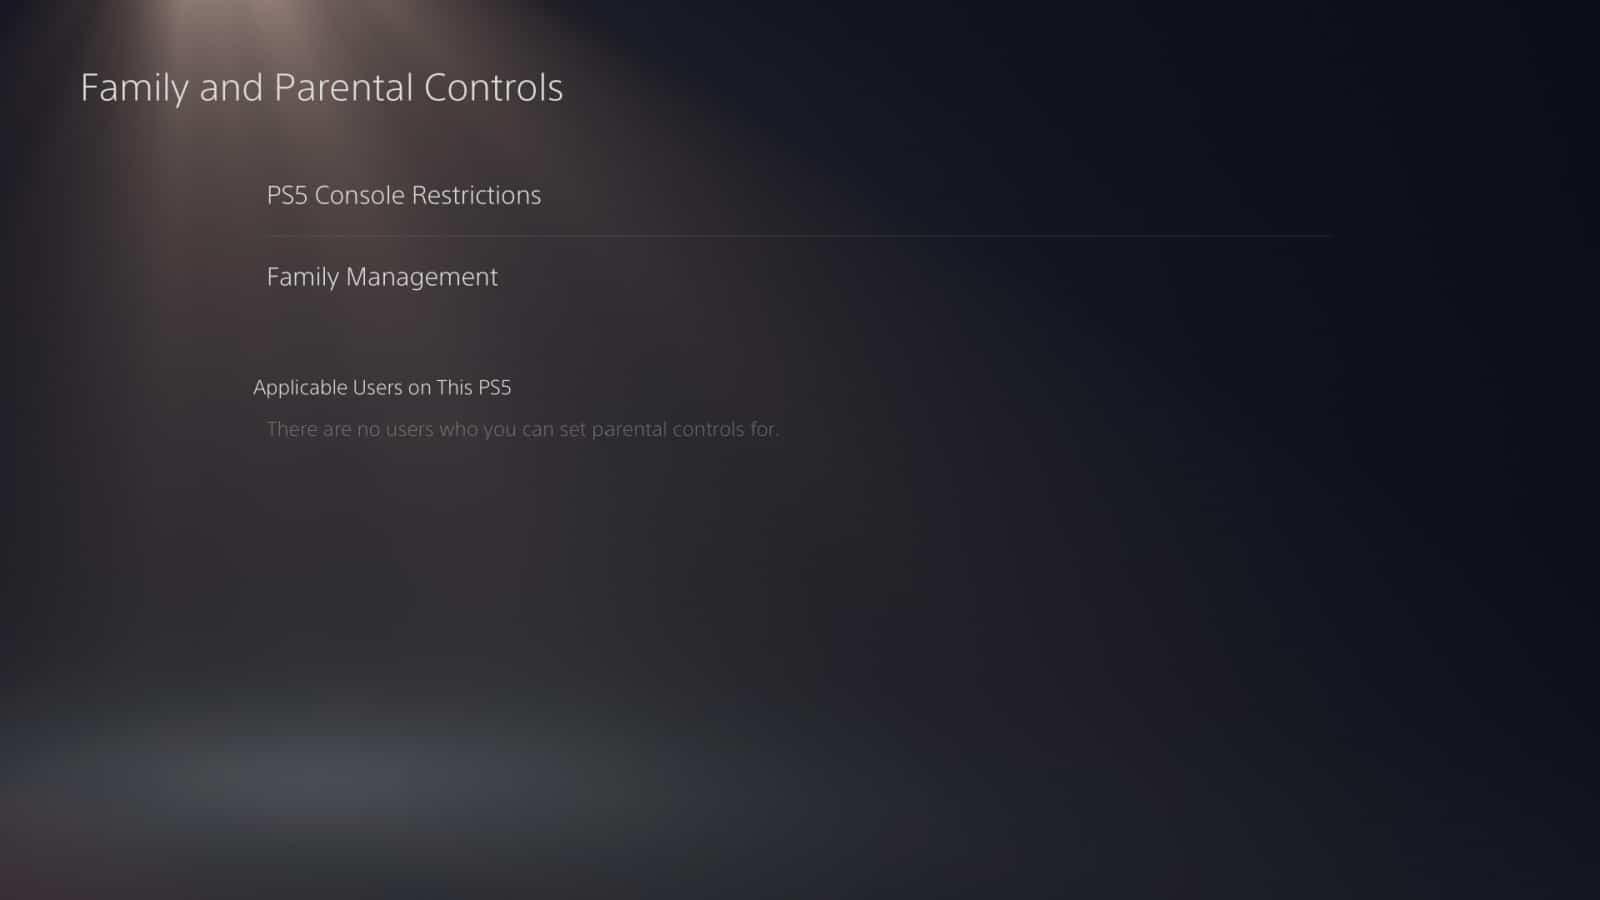 PS5 Parental Controls 4